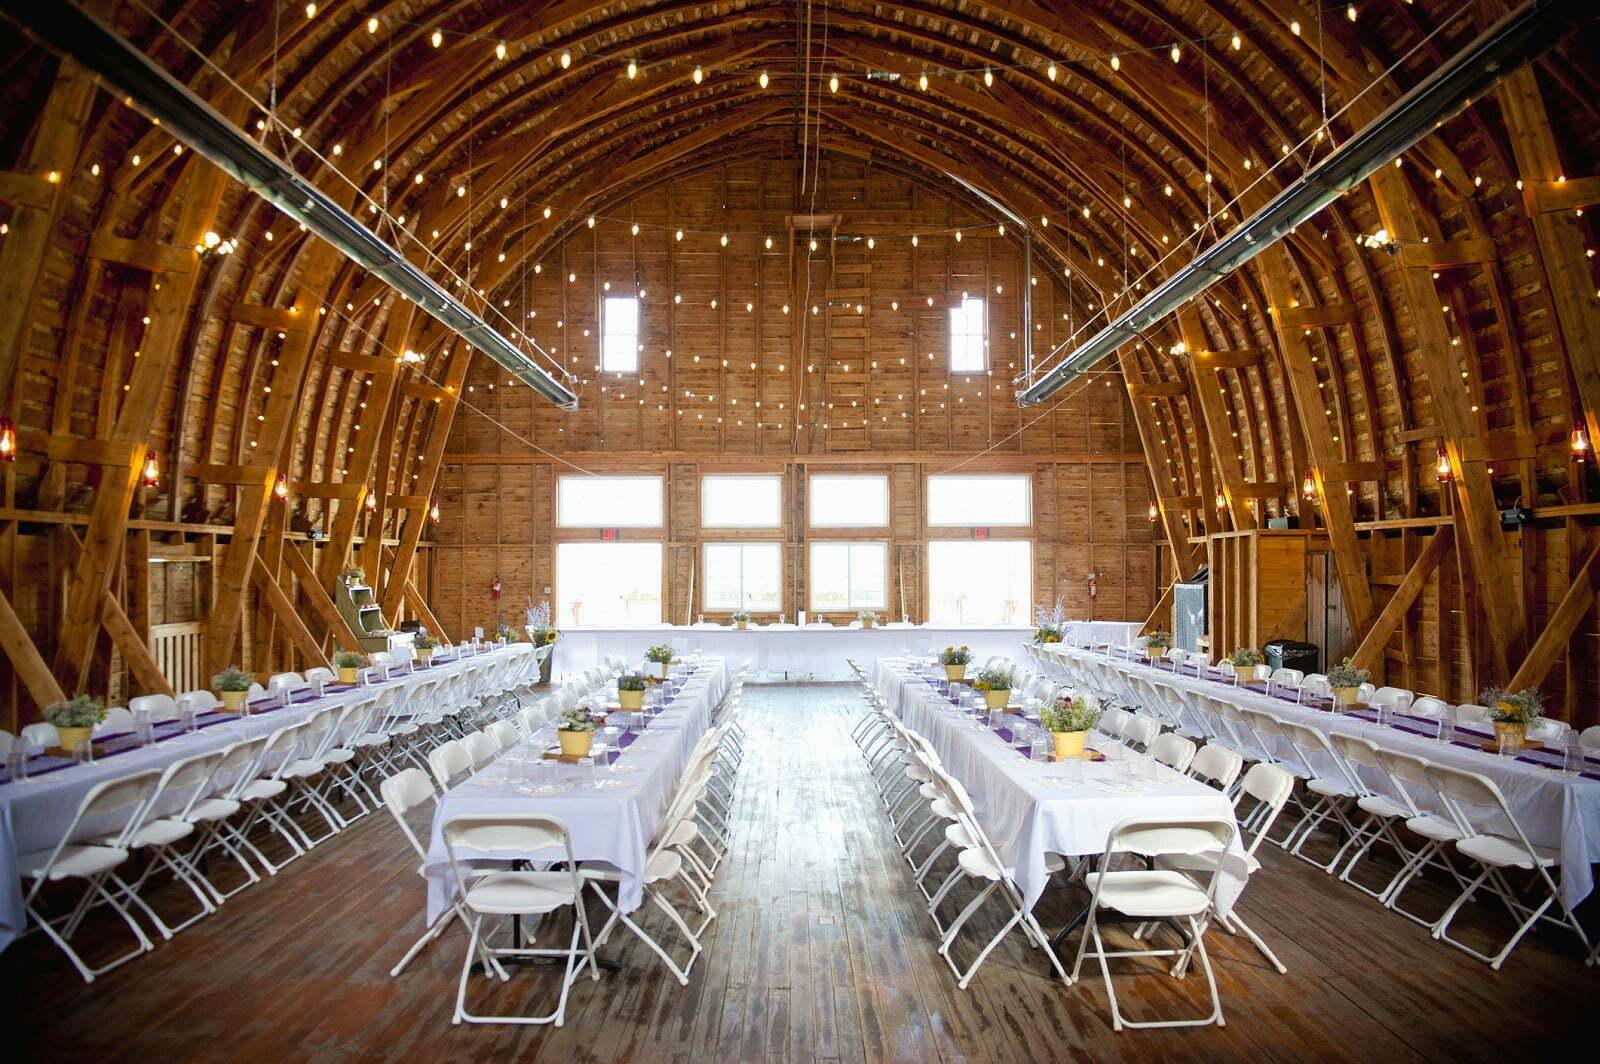 Jak ustawić meble na weselu tak, aby było więcej miejsca?